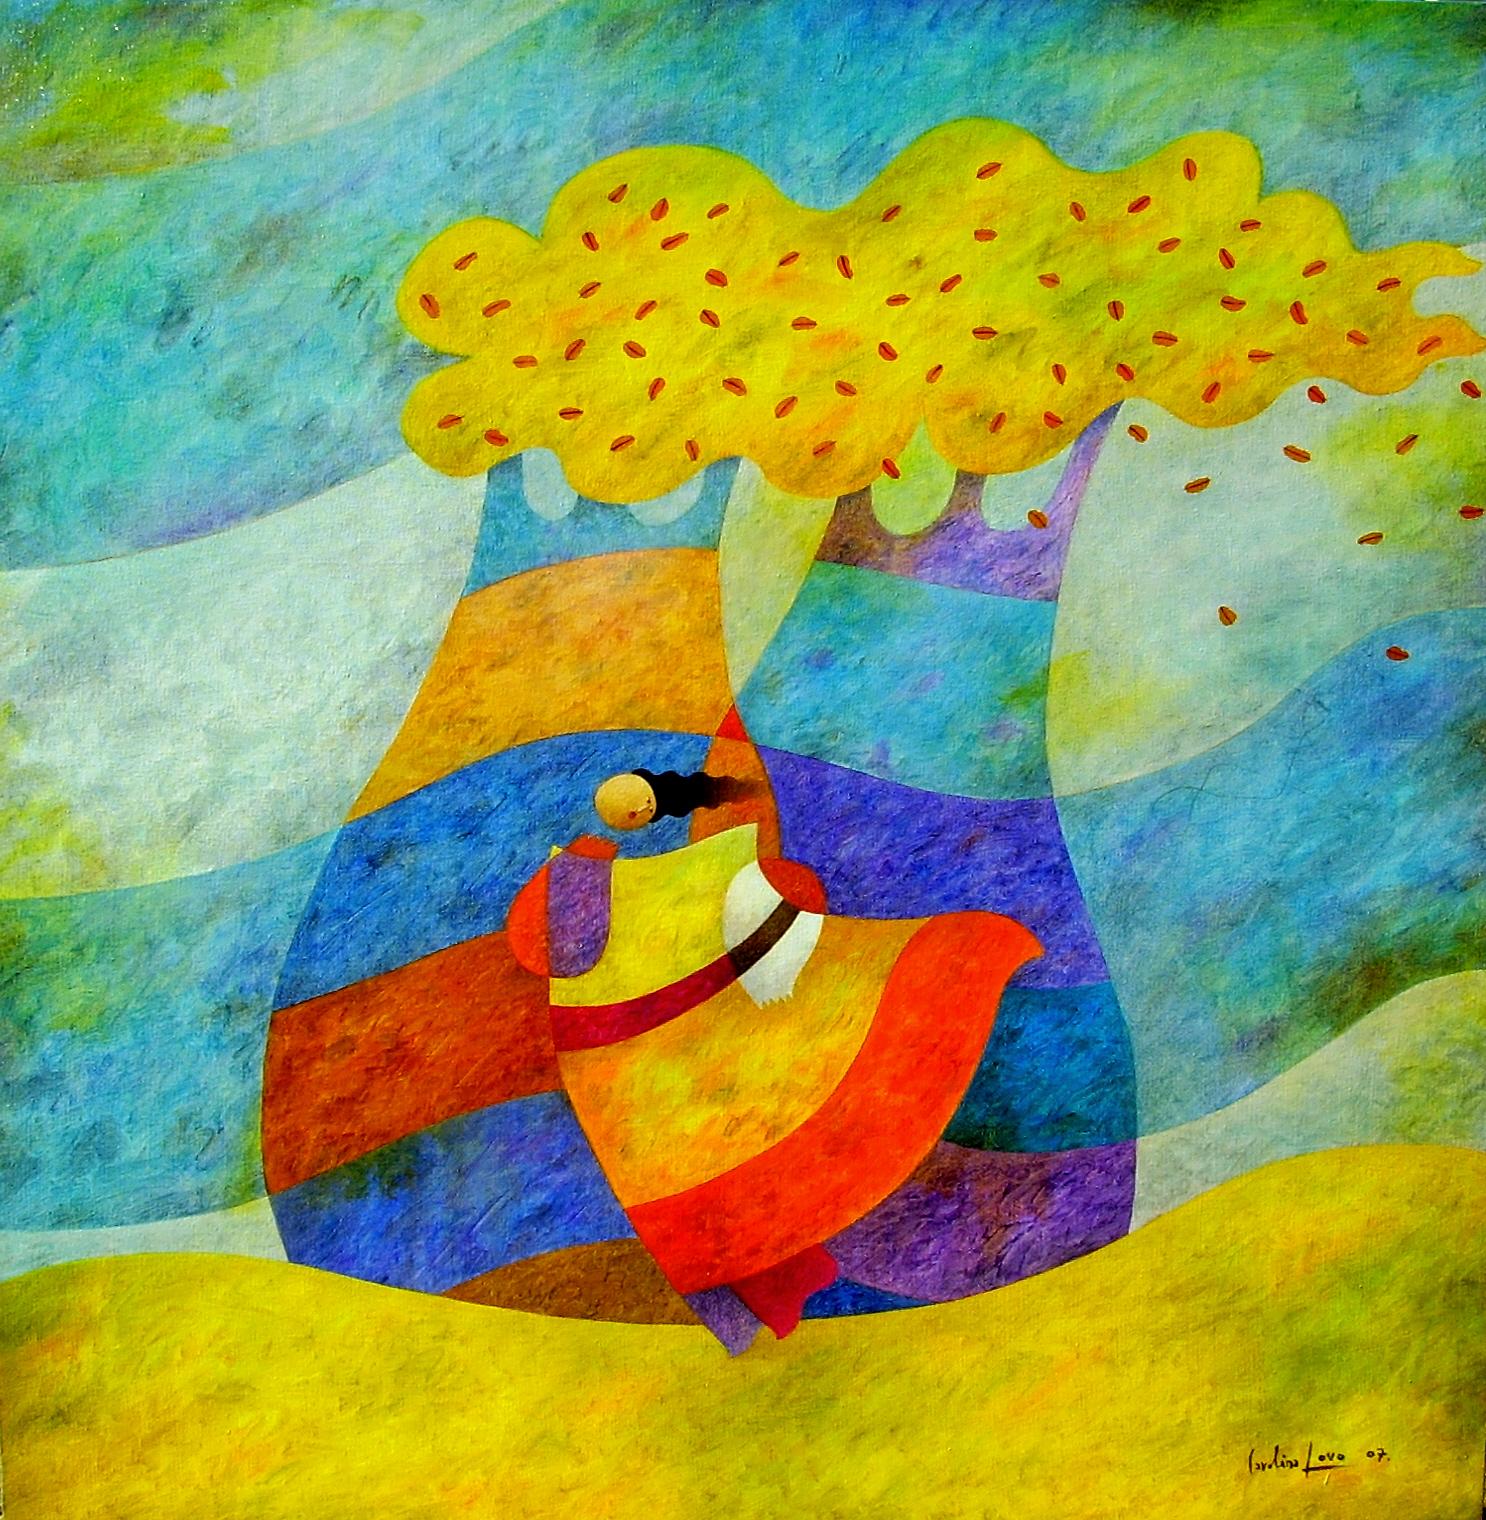 Viento, 2007 (Wind)